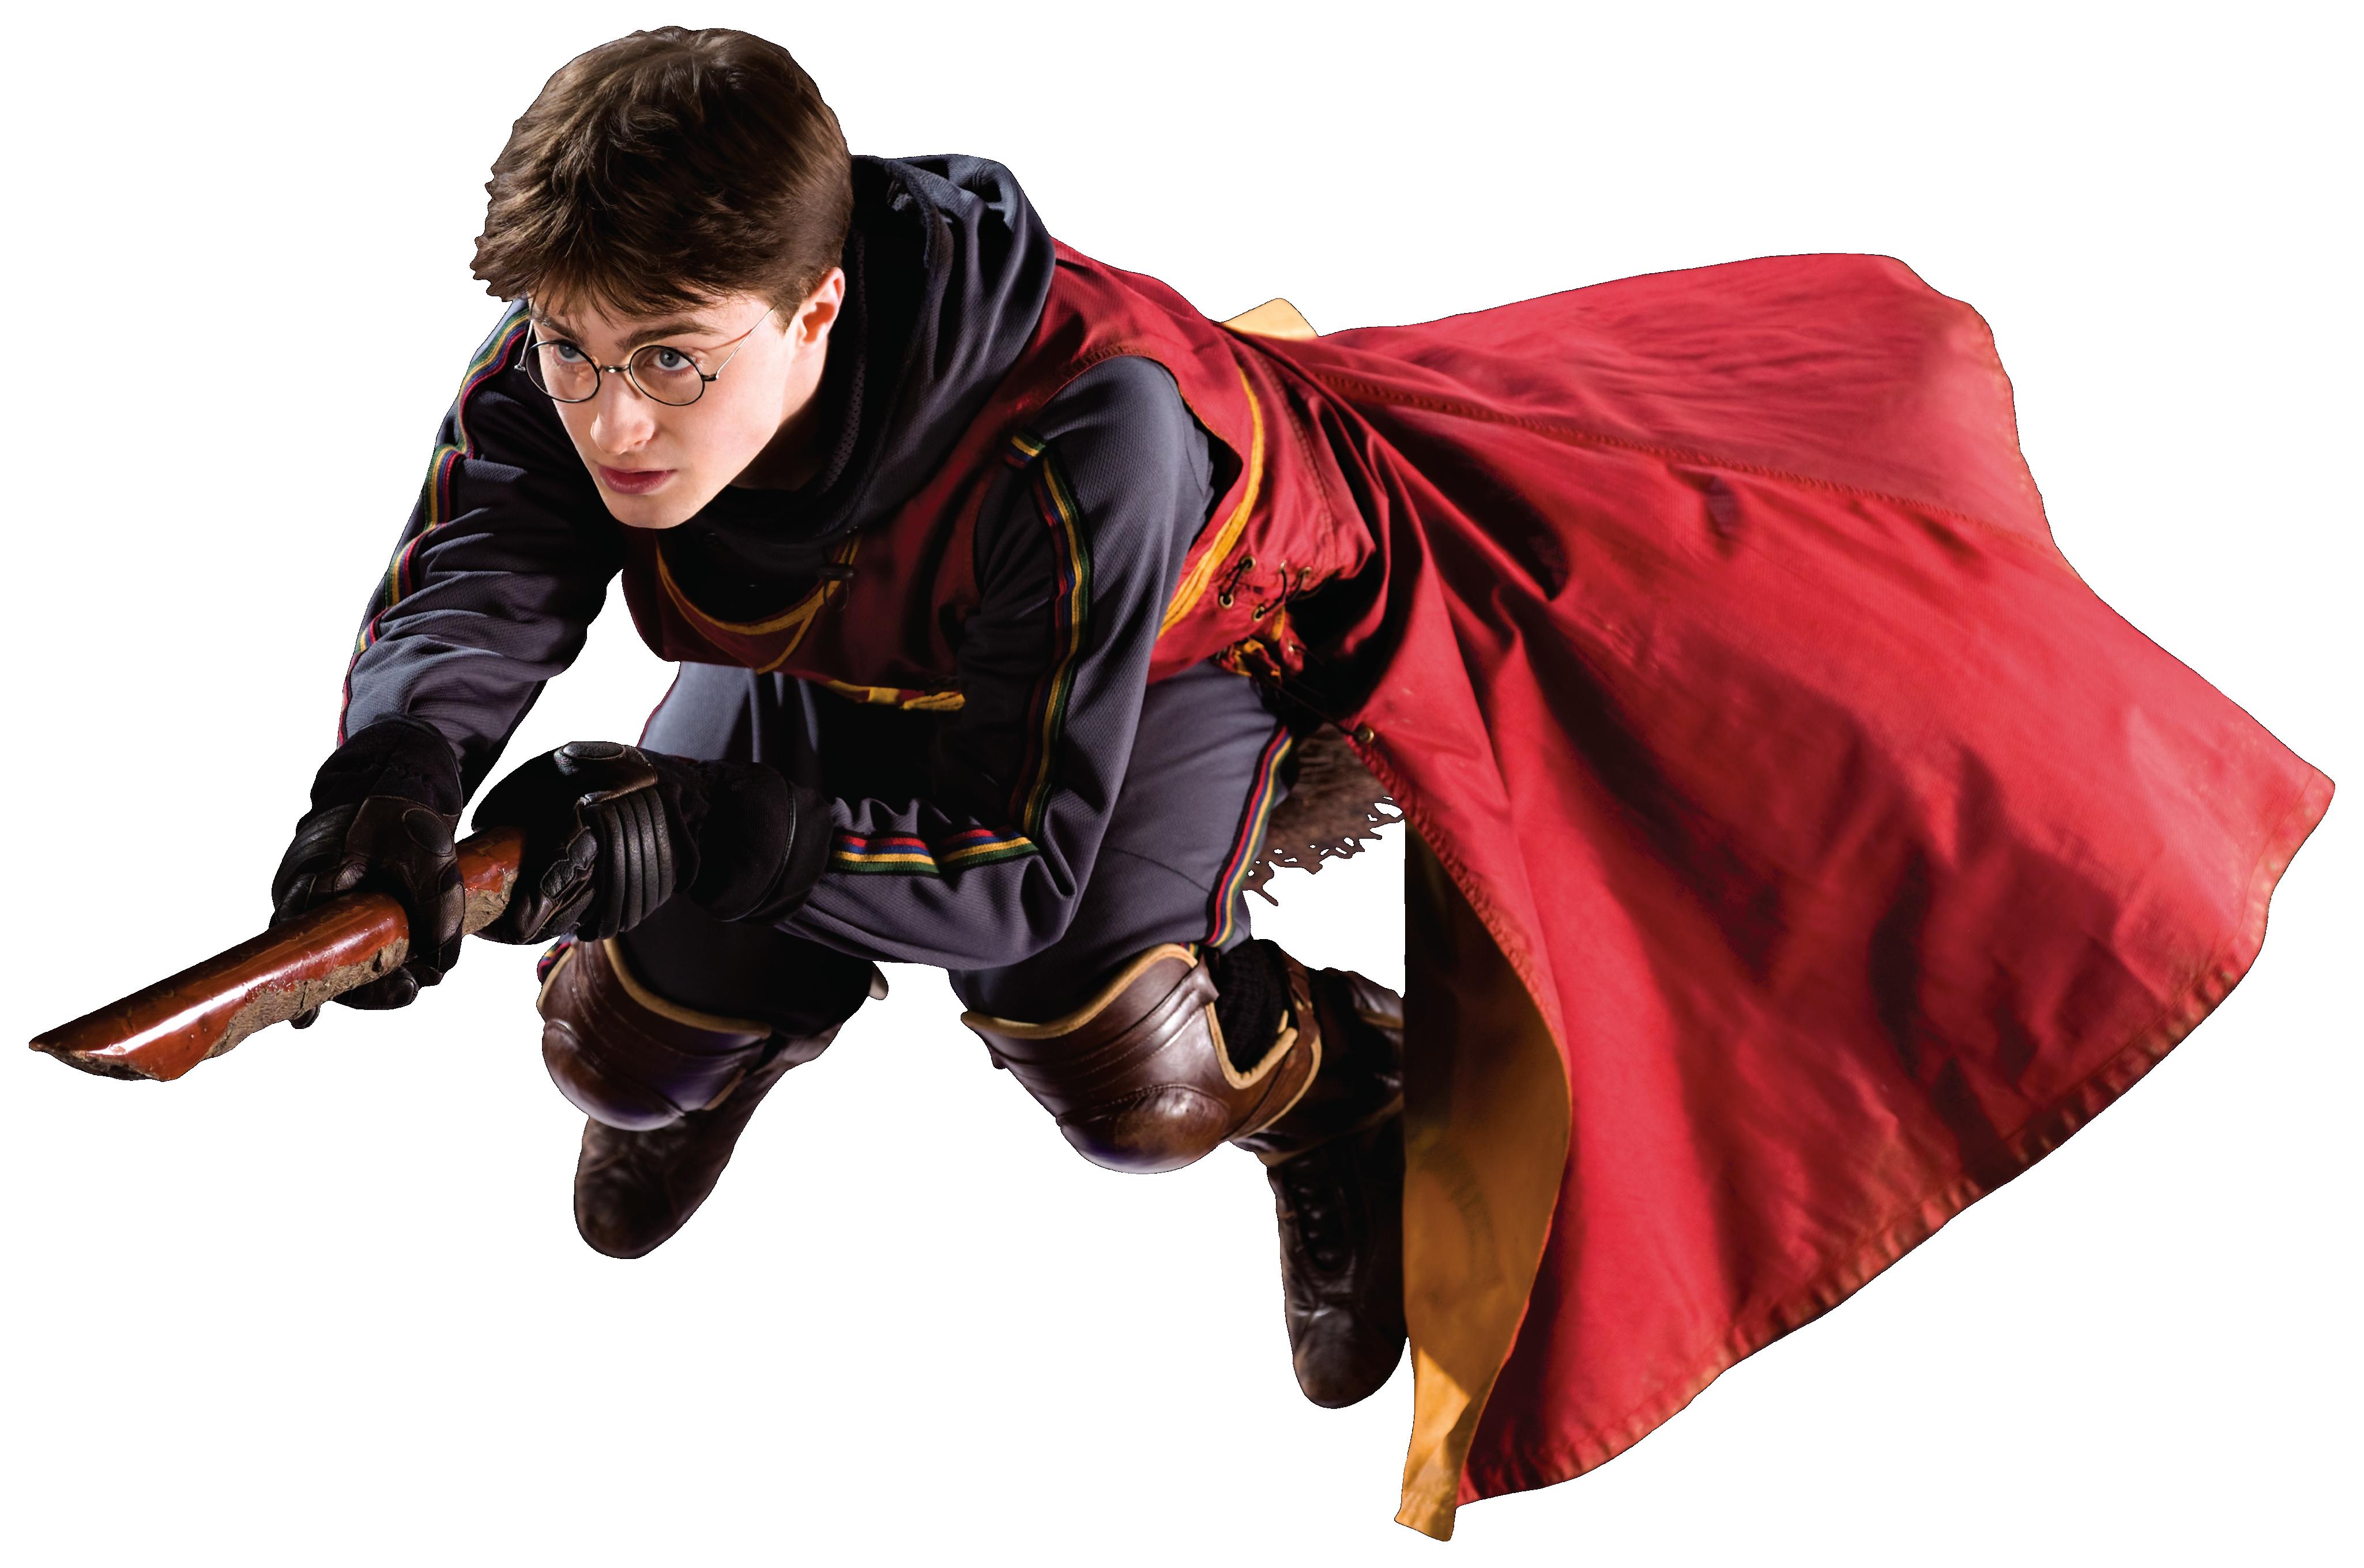 Firebolt Harry Potter Wiki Fandom